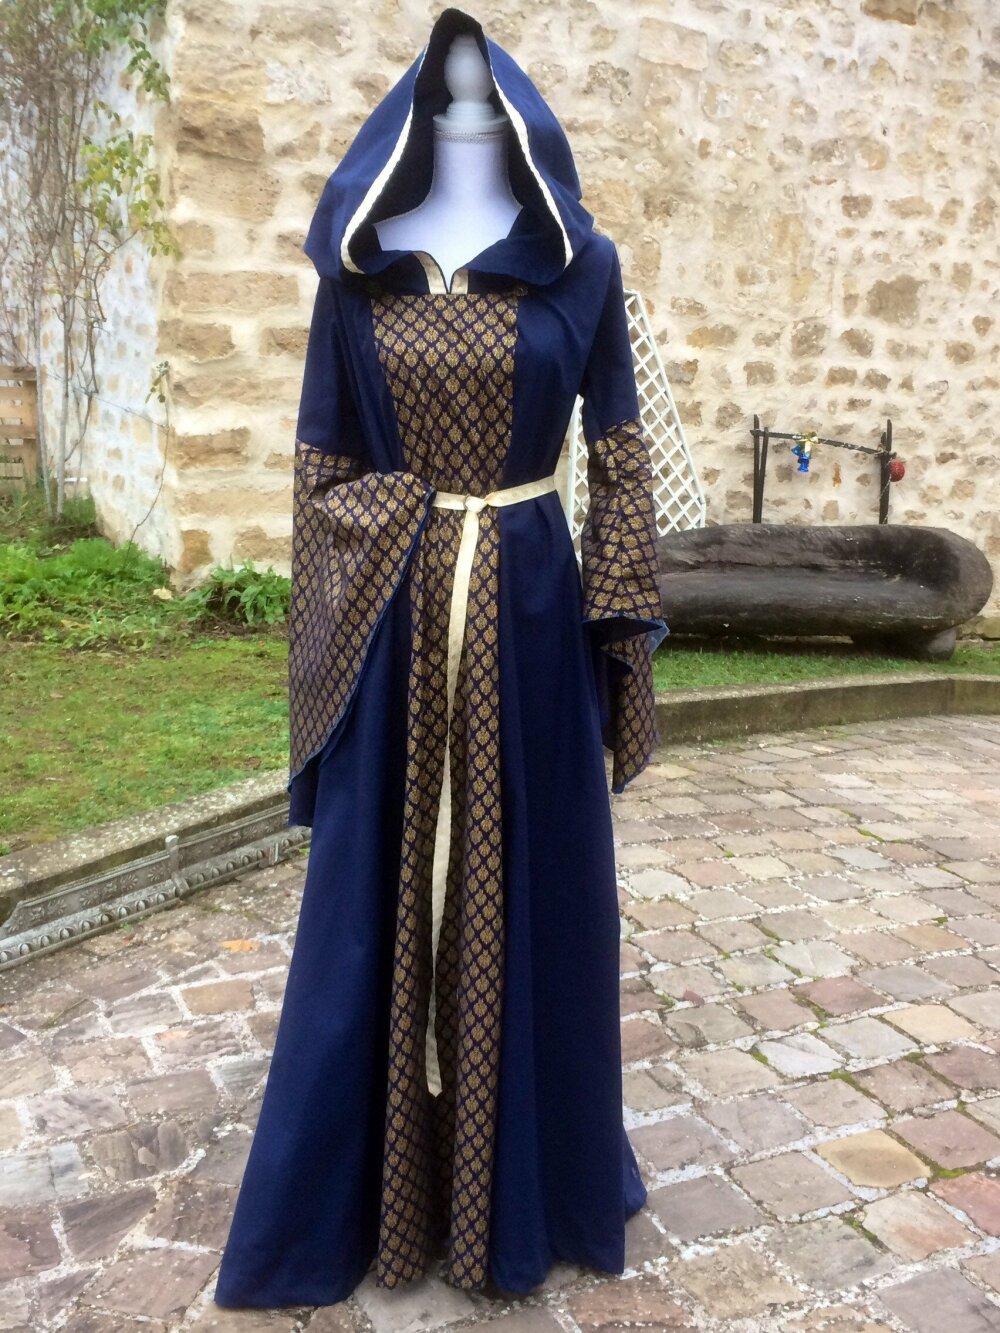 Robe Femme Inspiration Medievale Bleue Et Dore Manches Tres Amples Un Grand Marche